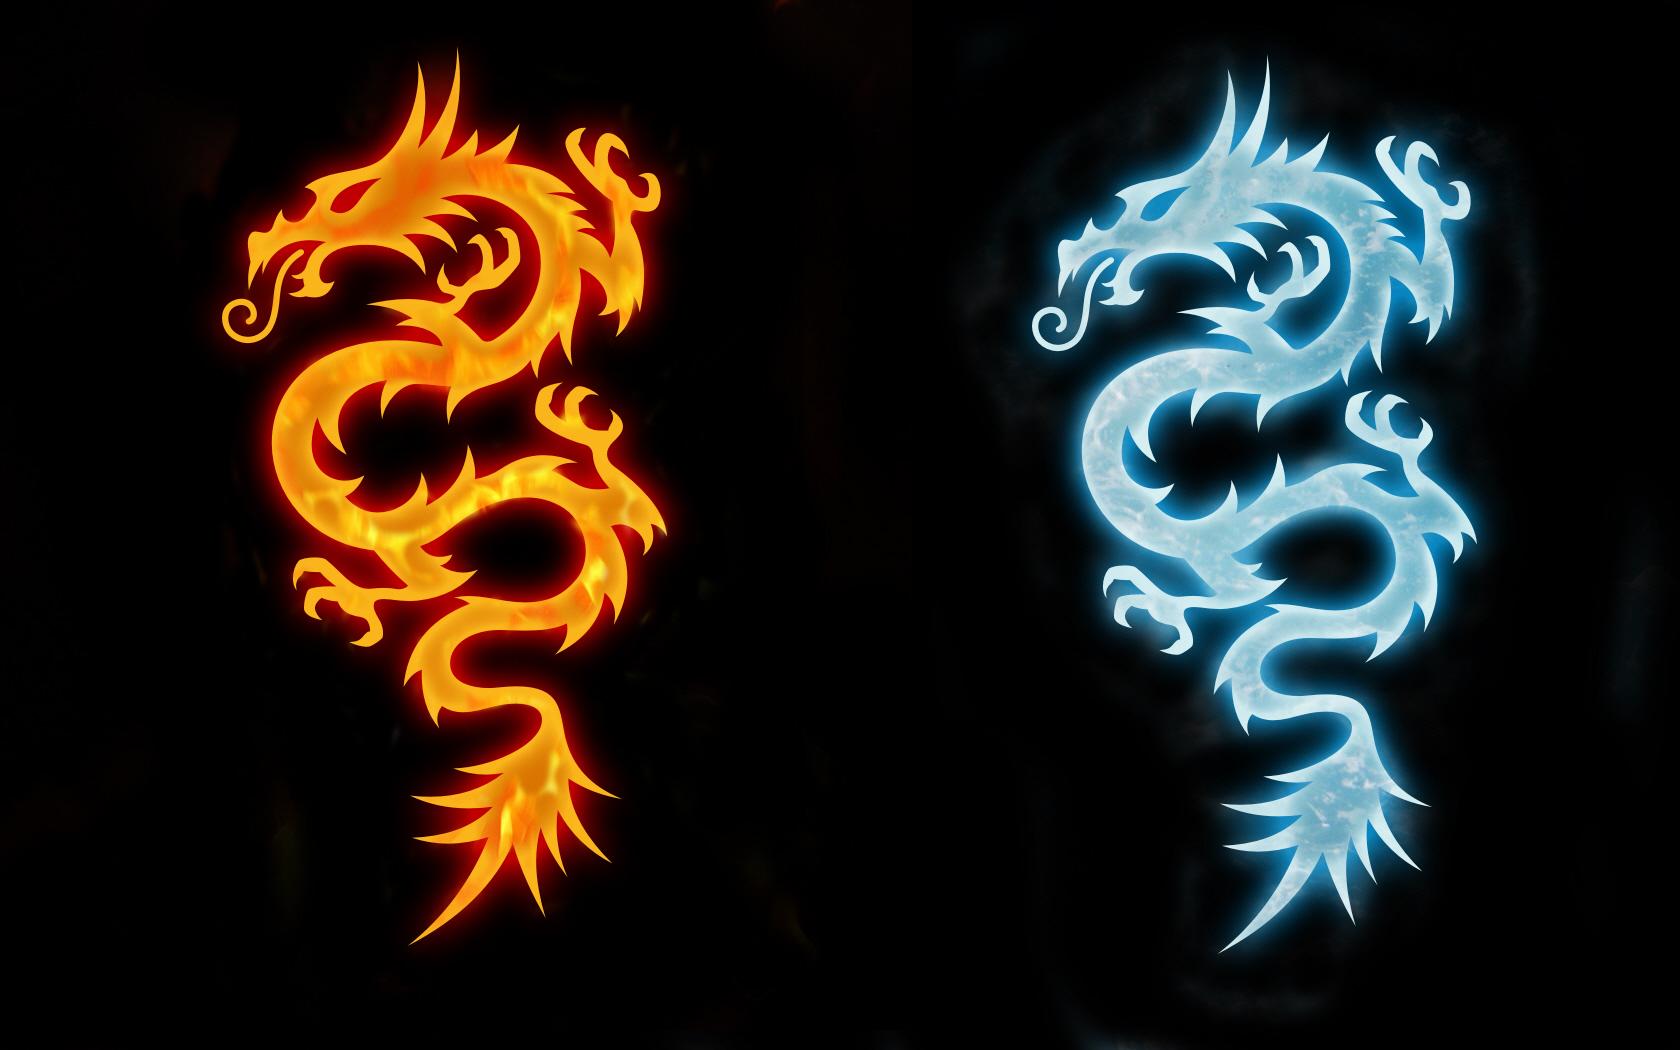 фото огненного дракона